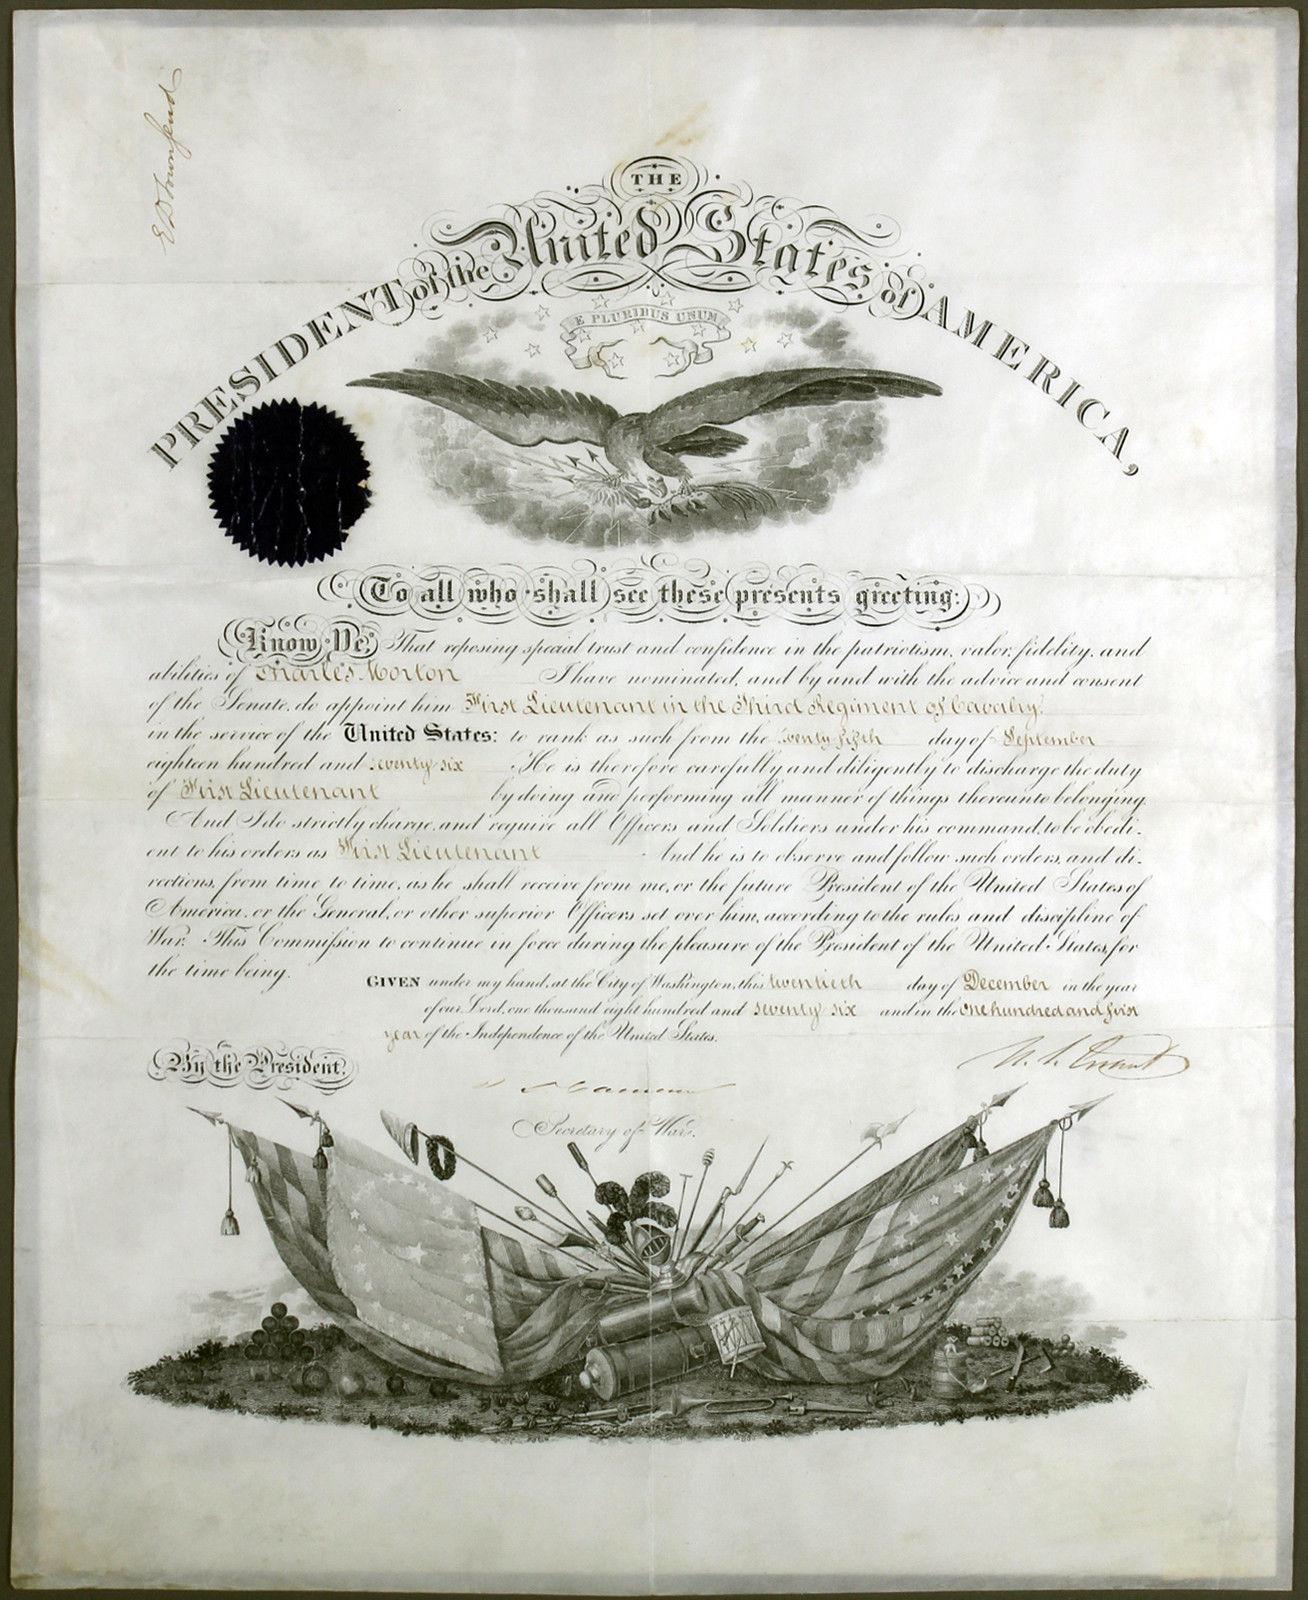 Ulysses S Grant Promotion Letter